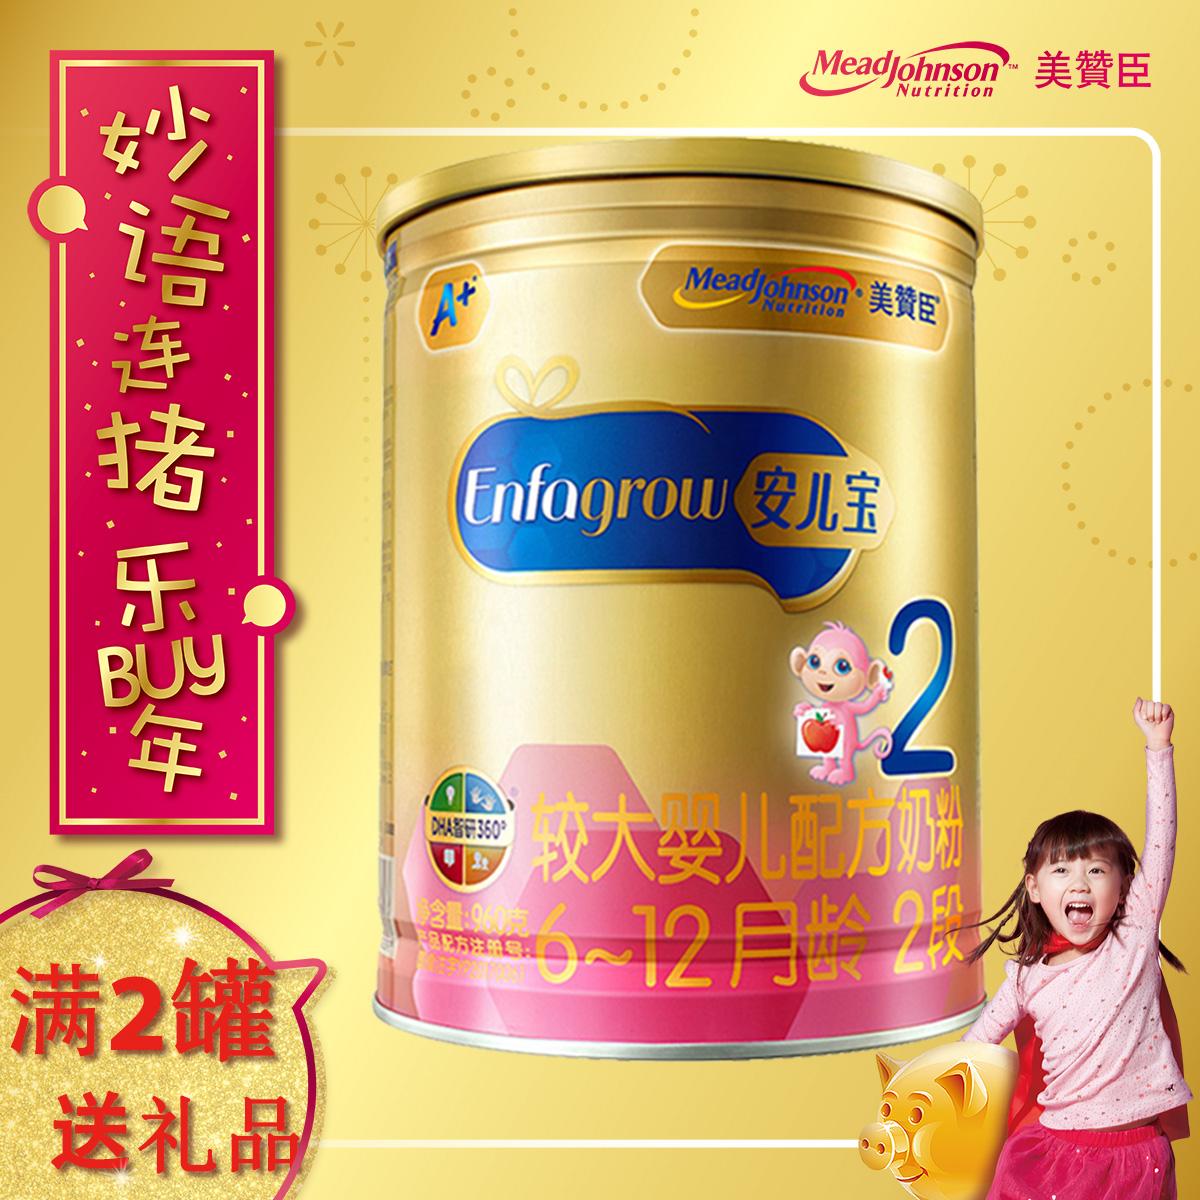 【18年產】美贊臣安兒寶A+2段嬰幼兒配方奶粉900g 1罐